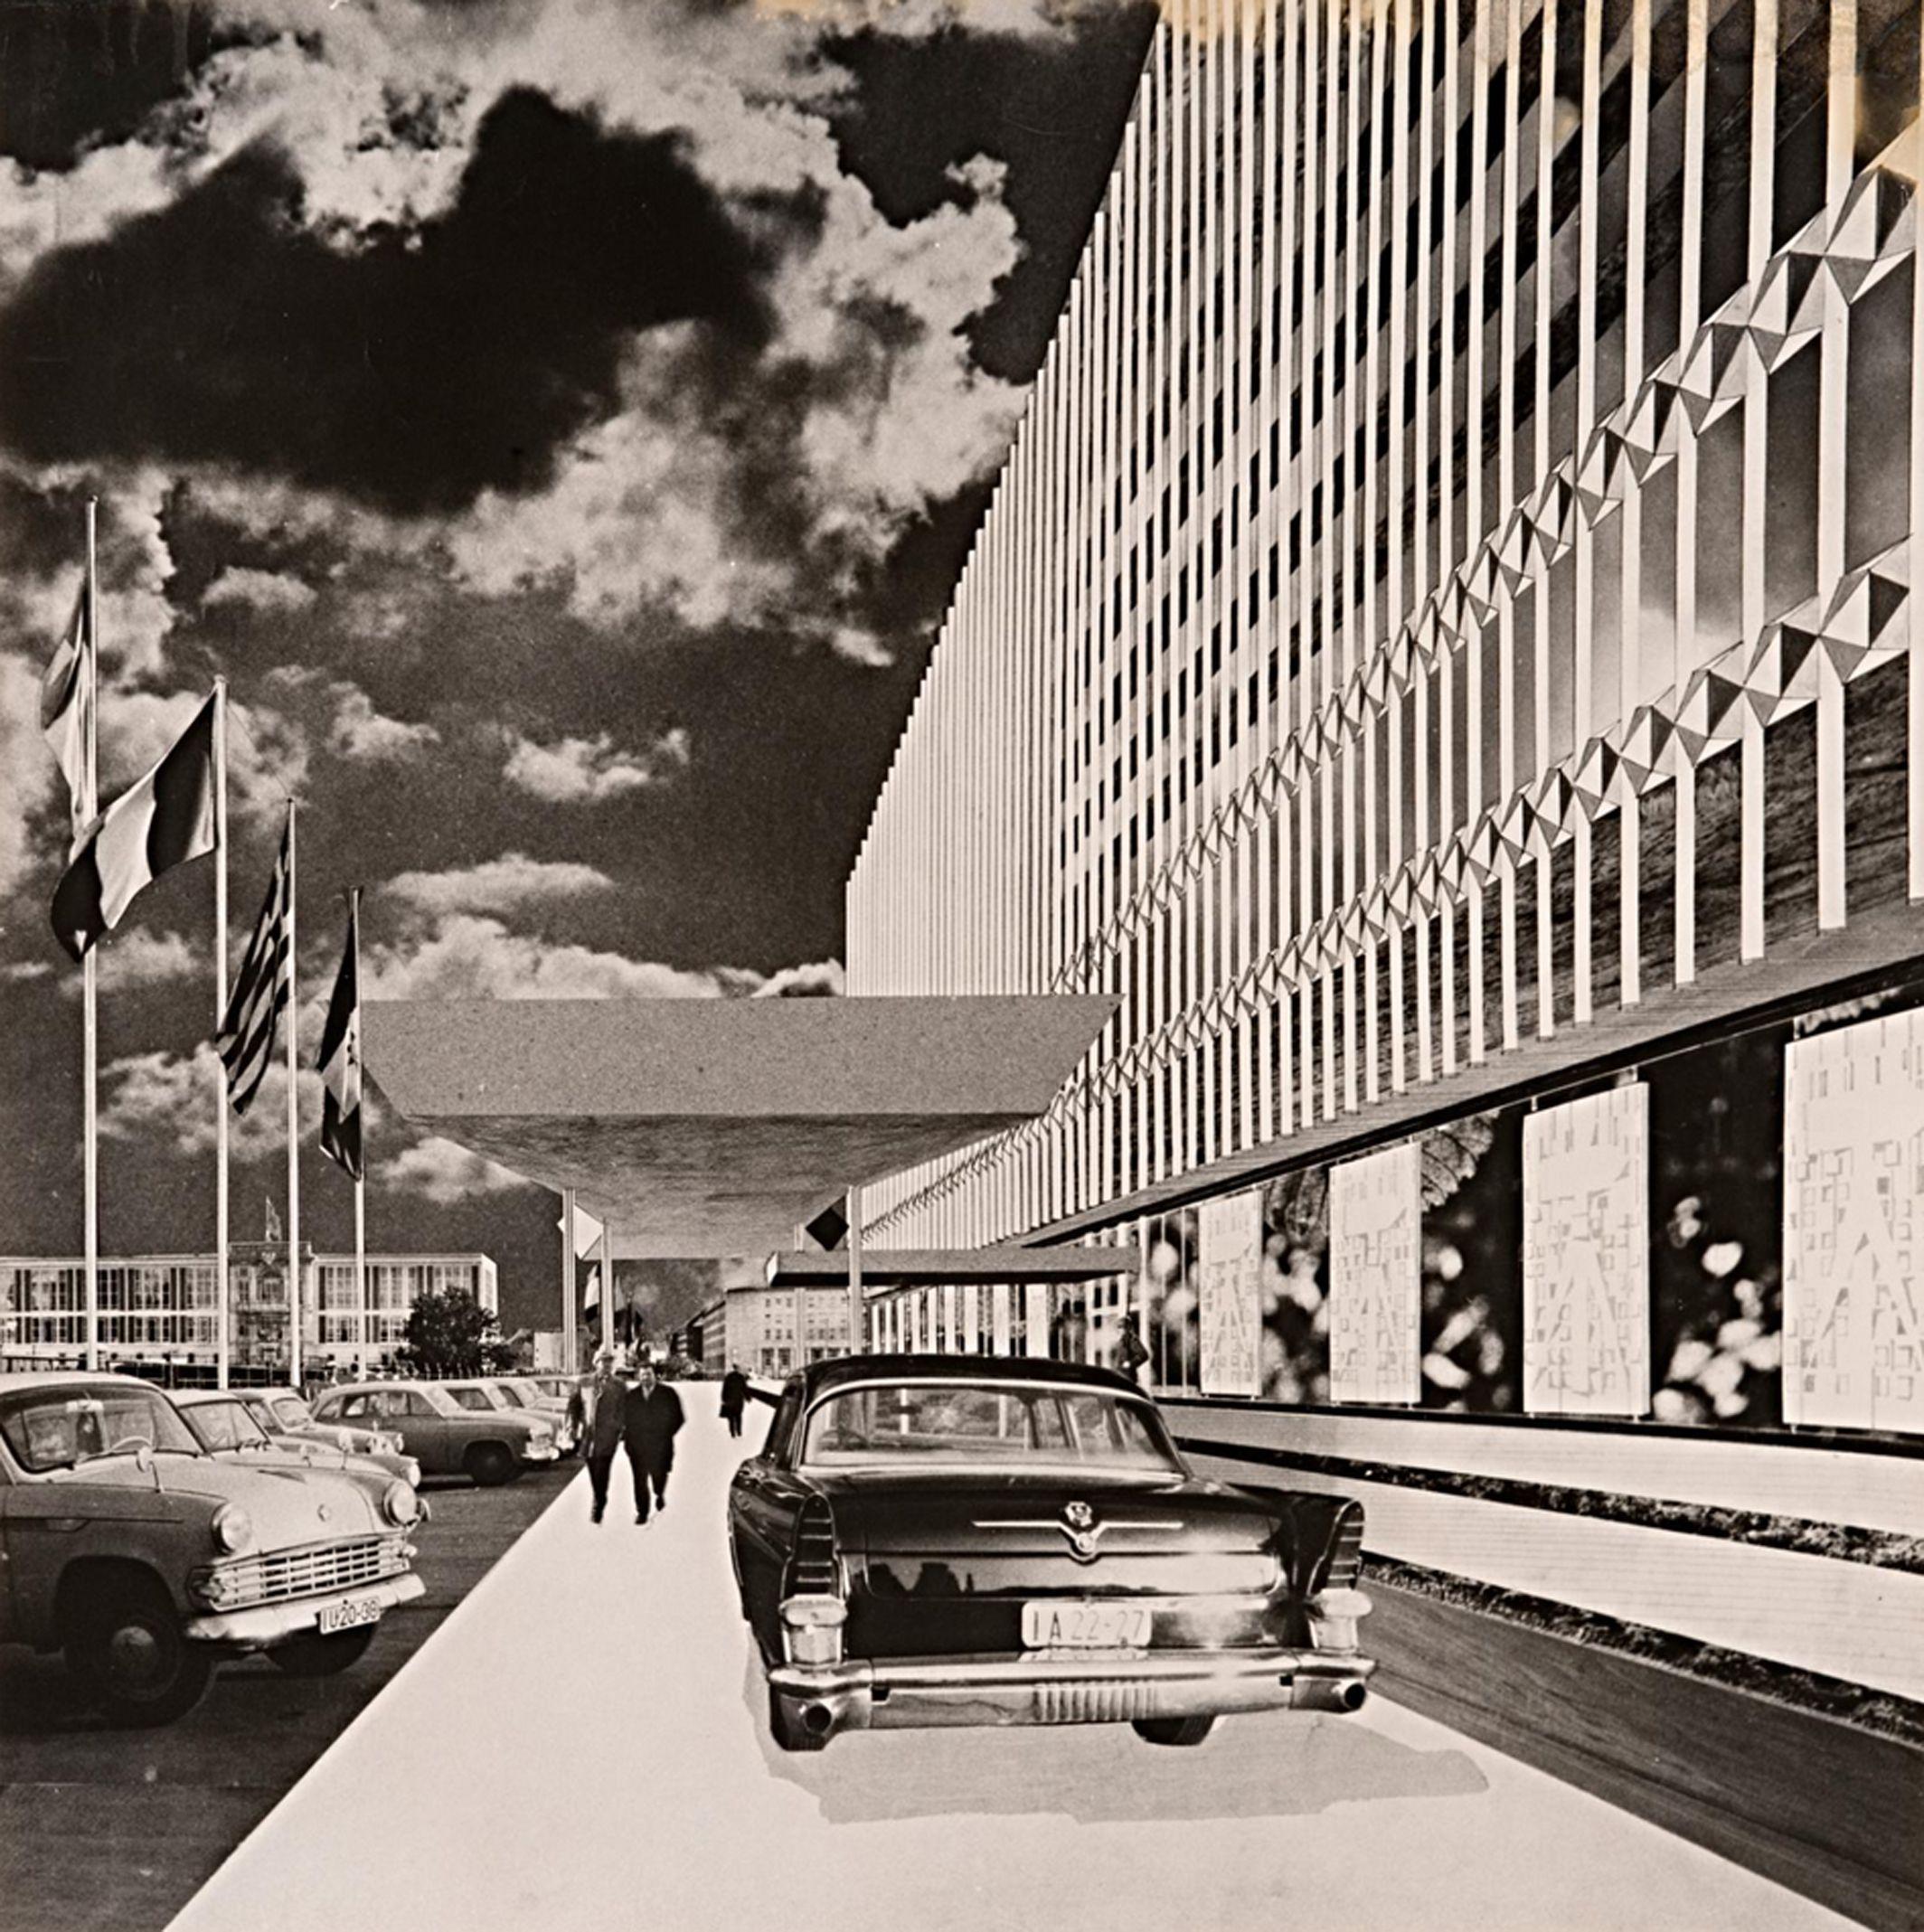 Dieter Urbach collage: Ministerium für Auswärtige Angelegenheiten der DDR, Architekt Josef Kaiser, Bildmontage 1967